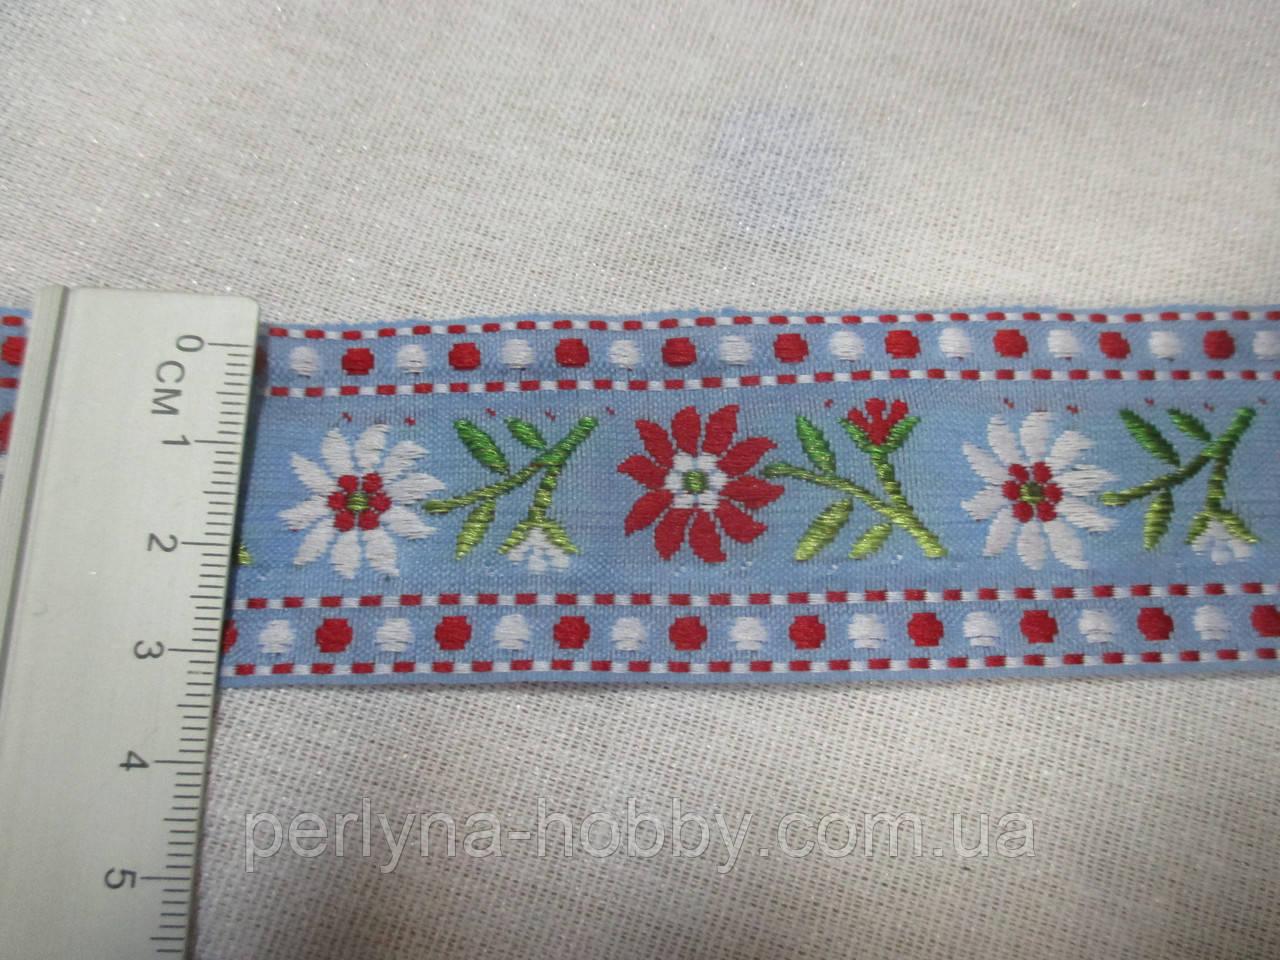 Тасьма з орнаментом квіти, голуба 3,5см